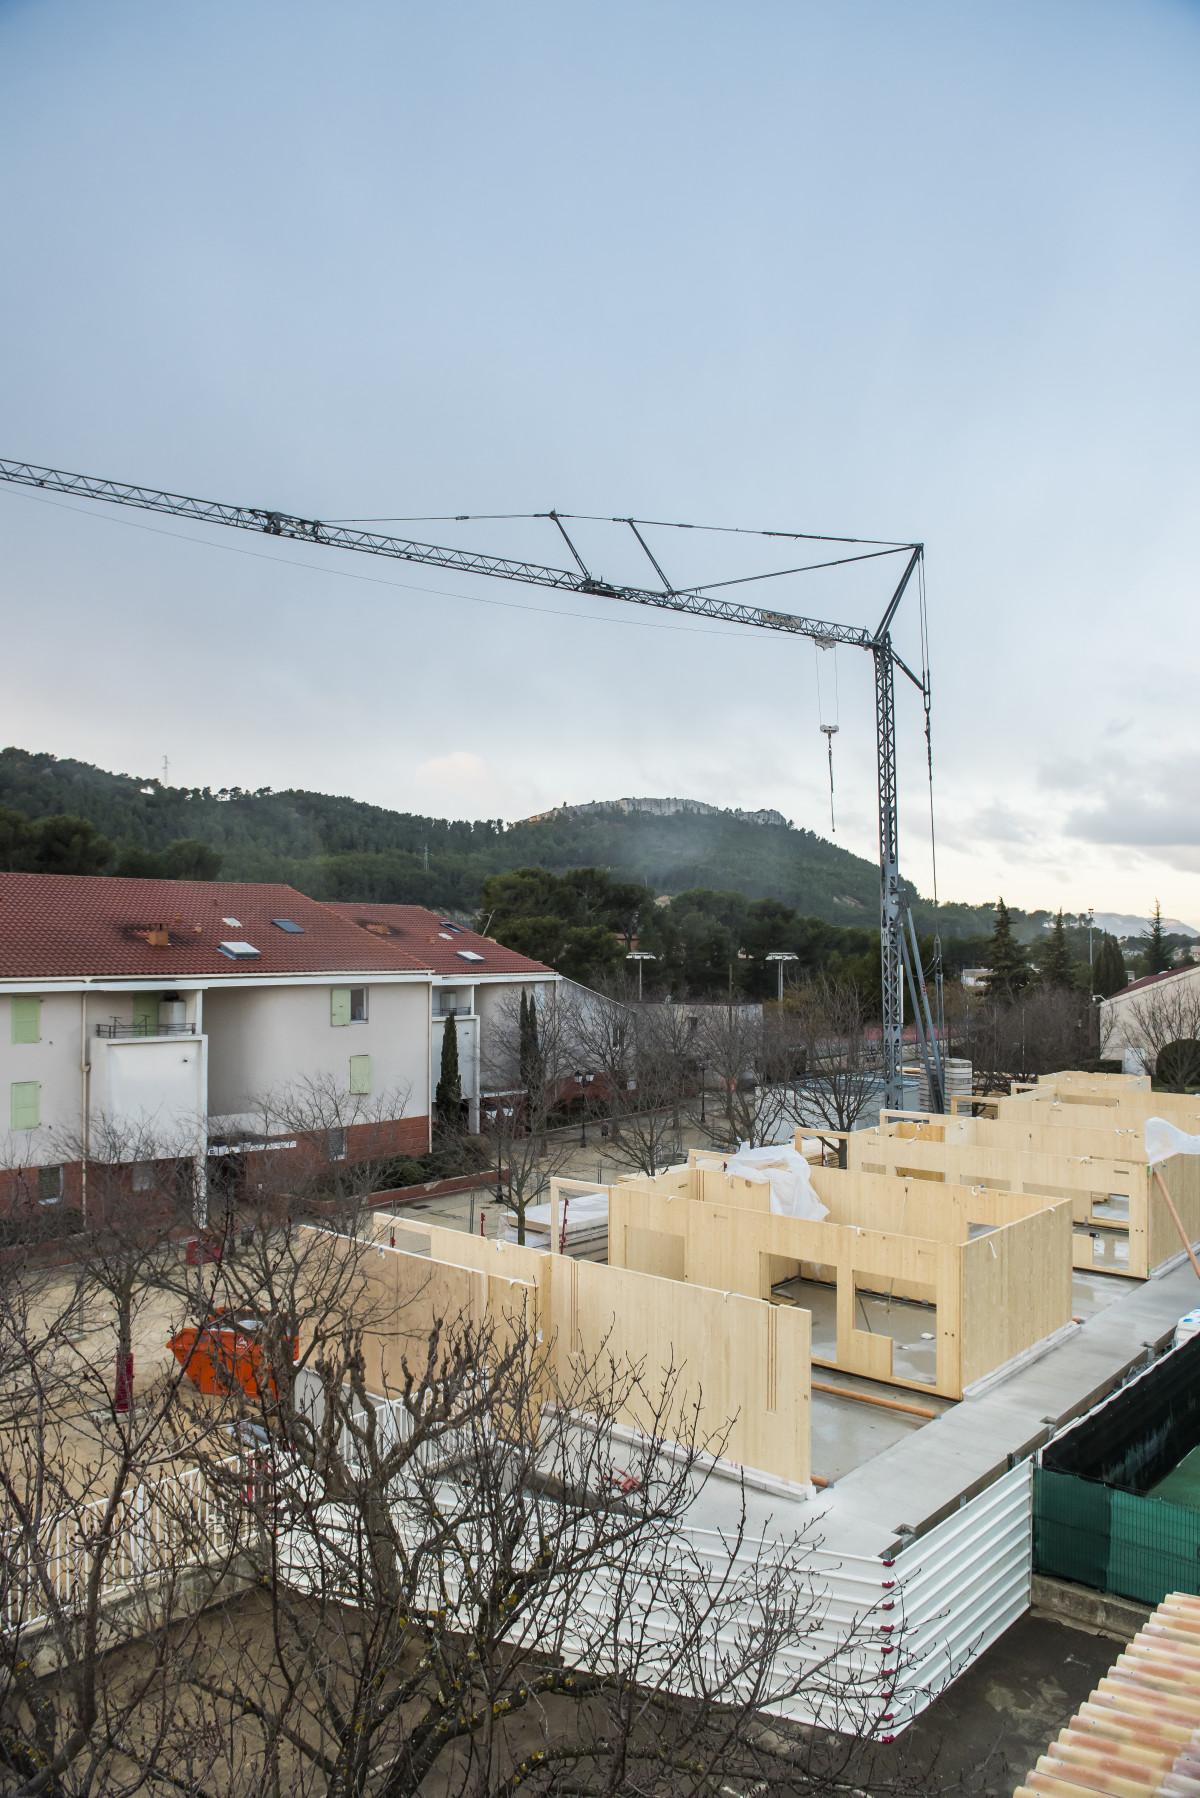 Suivi de chantier crèche Roquefort la Bédoule. PLO Architecture. Janvier 2018 Roquefort la Bédoule.